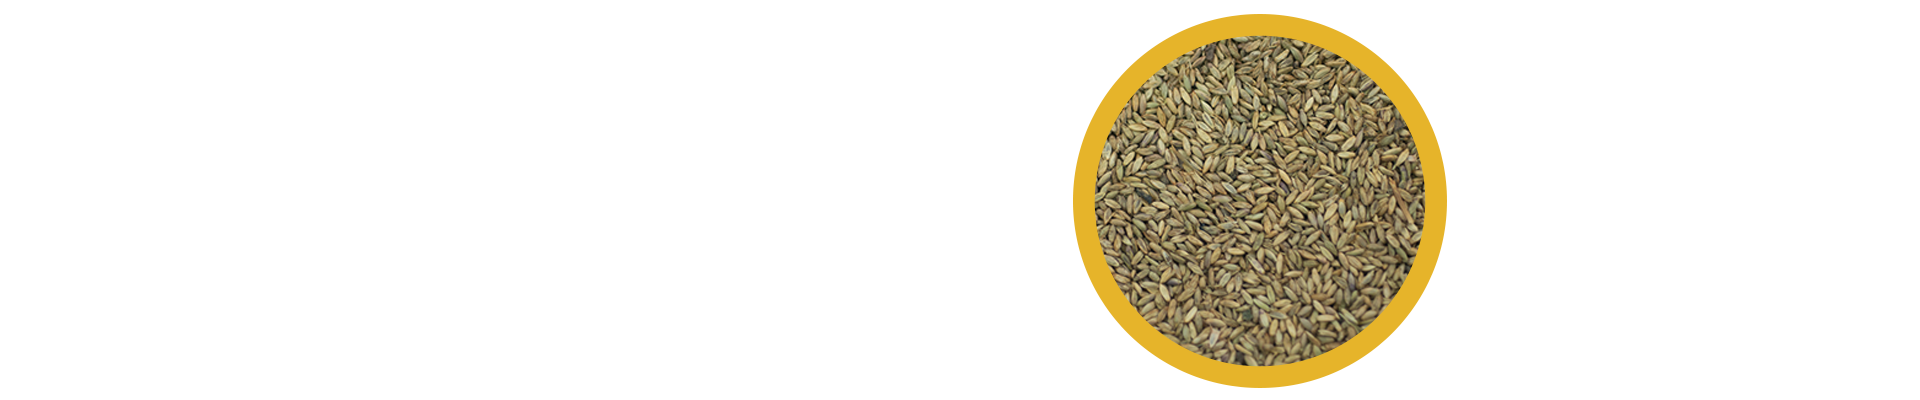 O capim Massai, gramínea forrageira da espécie Panicum maximum, apresenta um excelente desempenho no seguimento das cultivares dessa mesma espécie, tendo como principais características, a rápida adaptação à diferentes tipos de solos, como aqueles que apresentam baixos níveis de proteína.